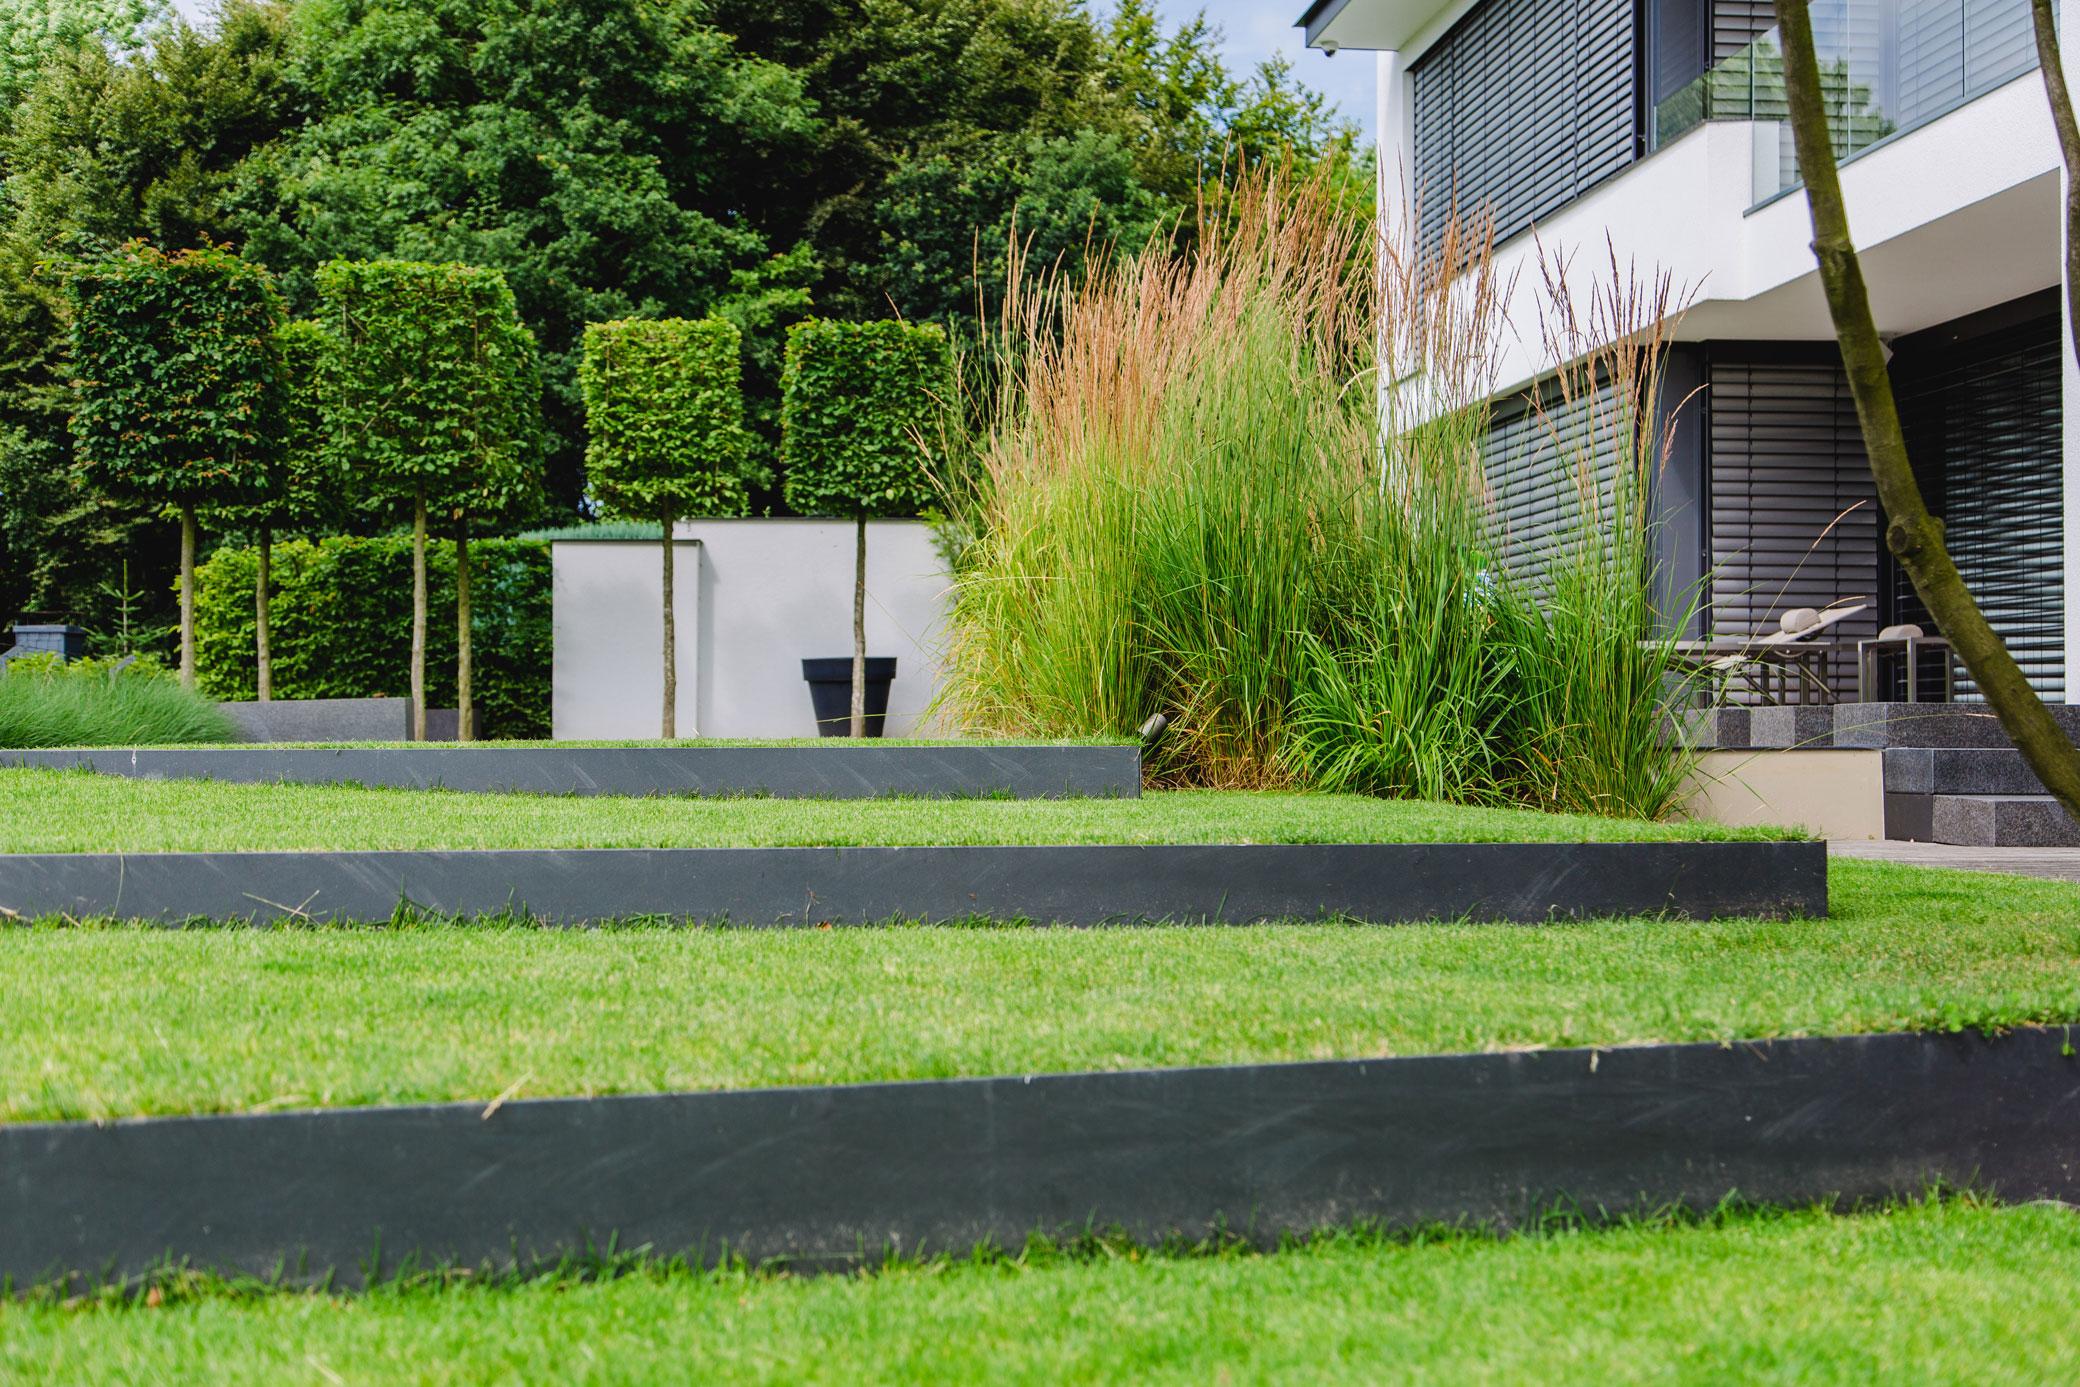 Mauerbau in lage lemgo detmold gartenlandschaftsbau - Gartengestaltung programm ...